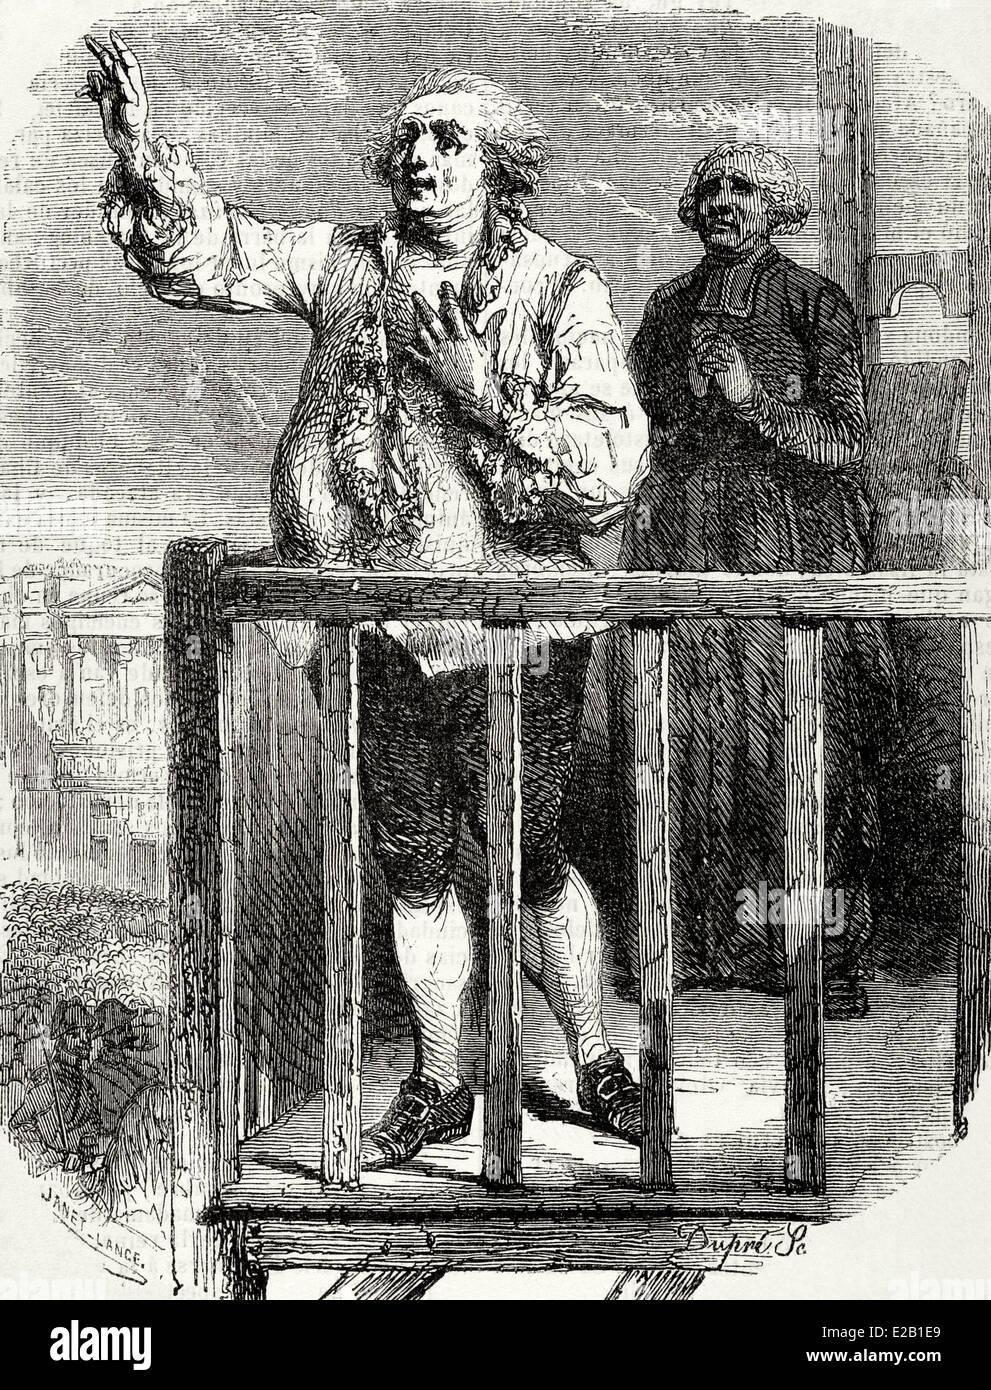 Rivoluzione francese. Esecuzione del Re Luigi XVI (1754 - 1793) Il 21 gennaio 1793. Incisione. Immagini Stock